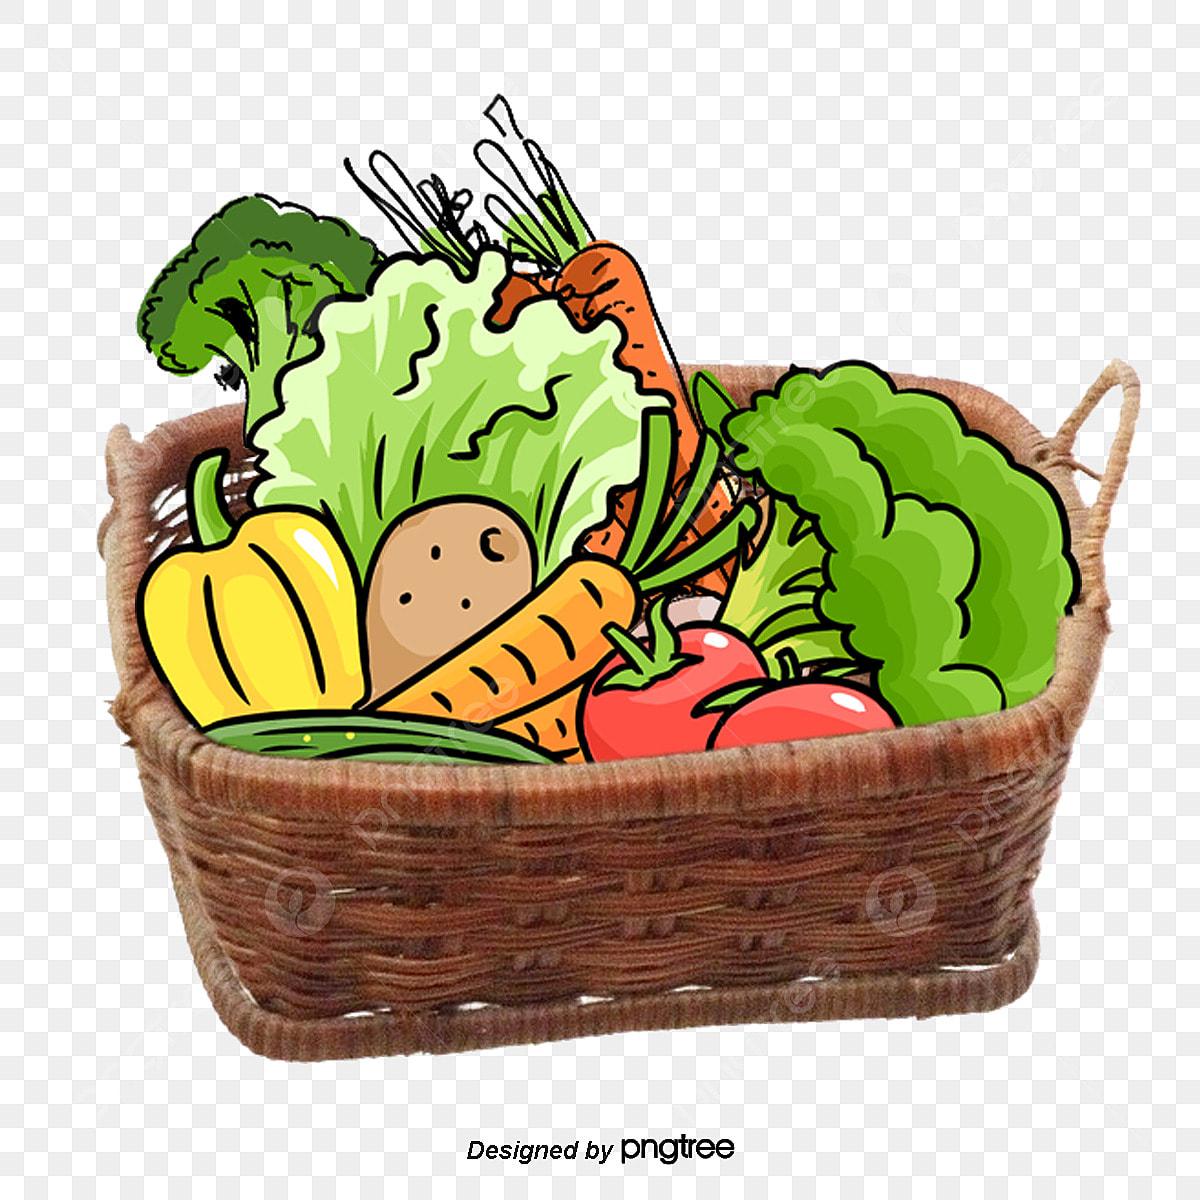 ناقلات الخضار خضروات سلة الخضار الطازجة Png وملف Psd للتحميل مجانا